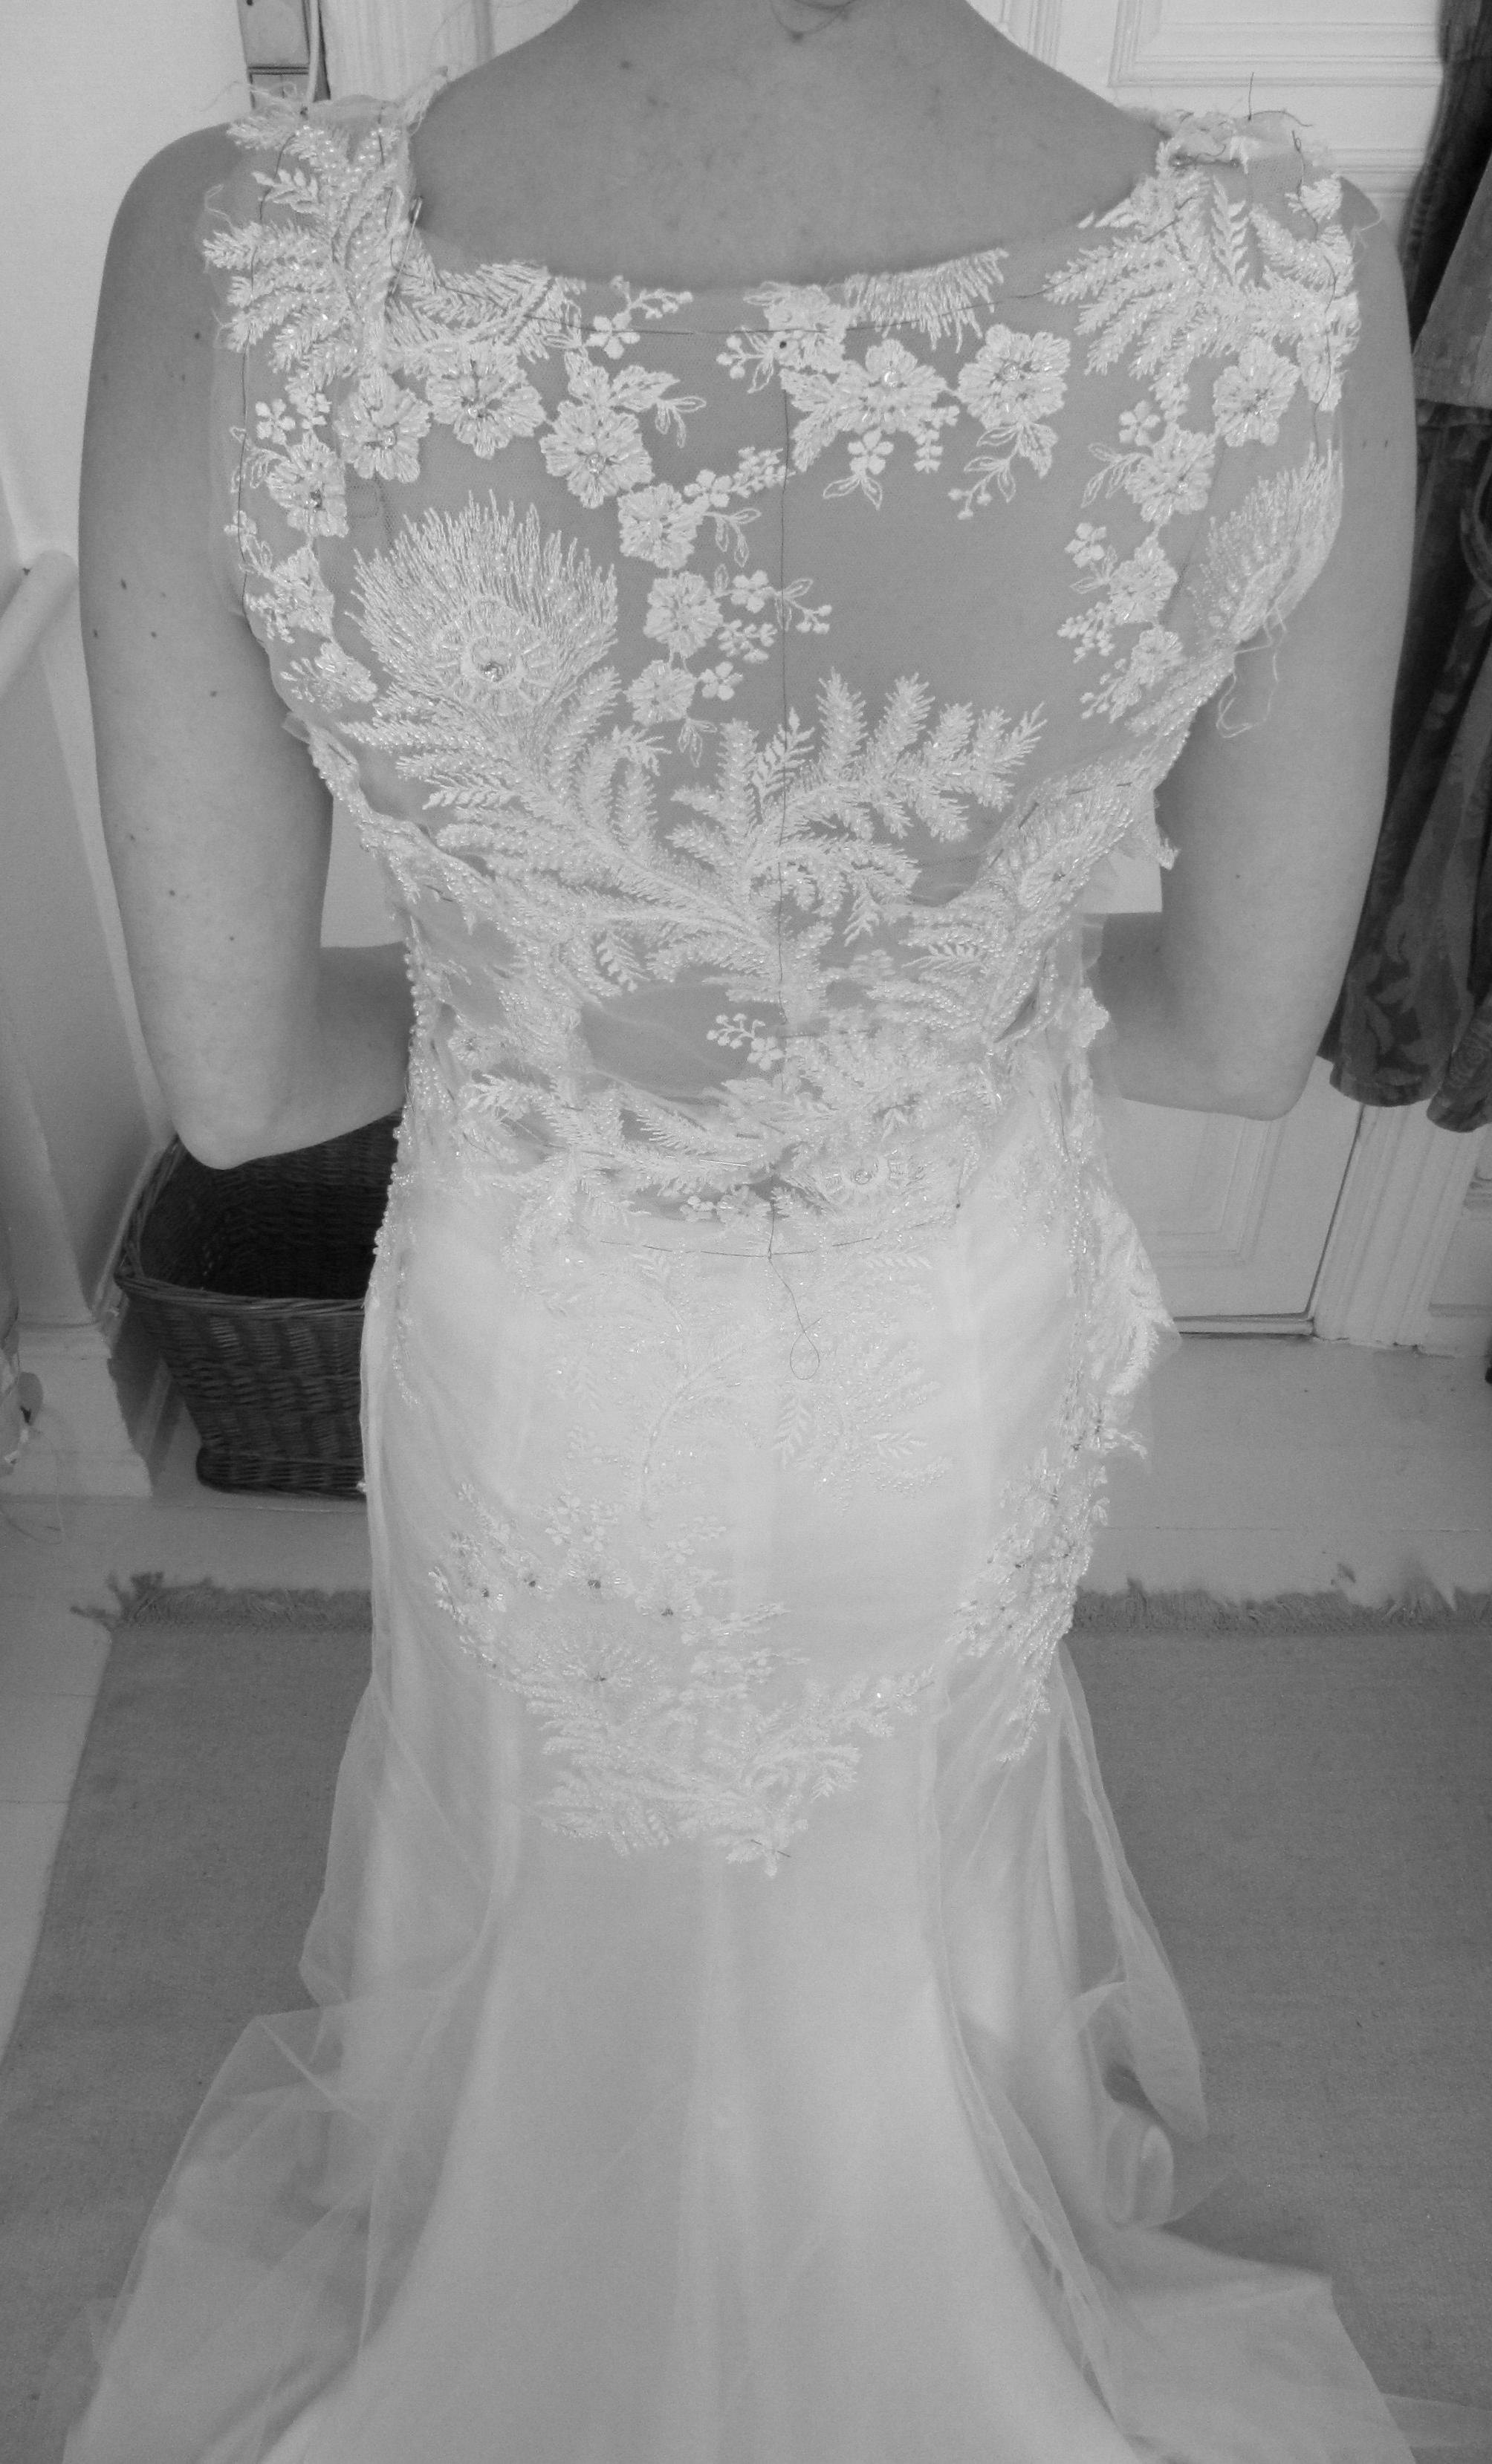 Perleblonde, brudekjole ryg design, blondekjole